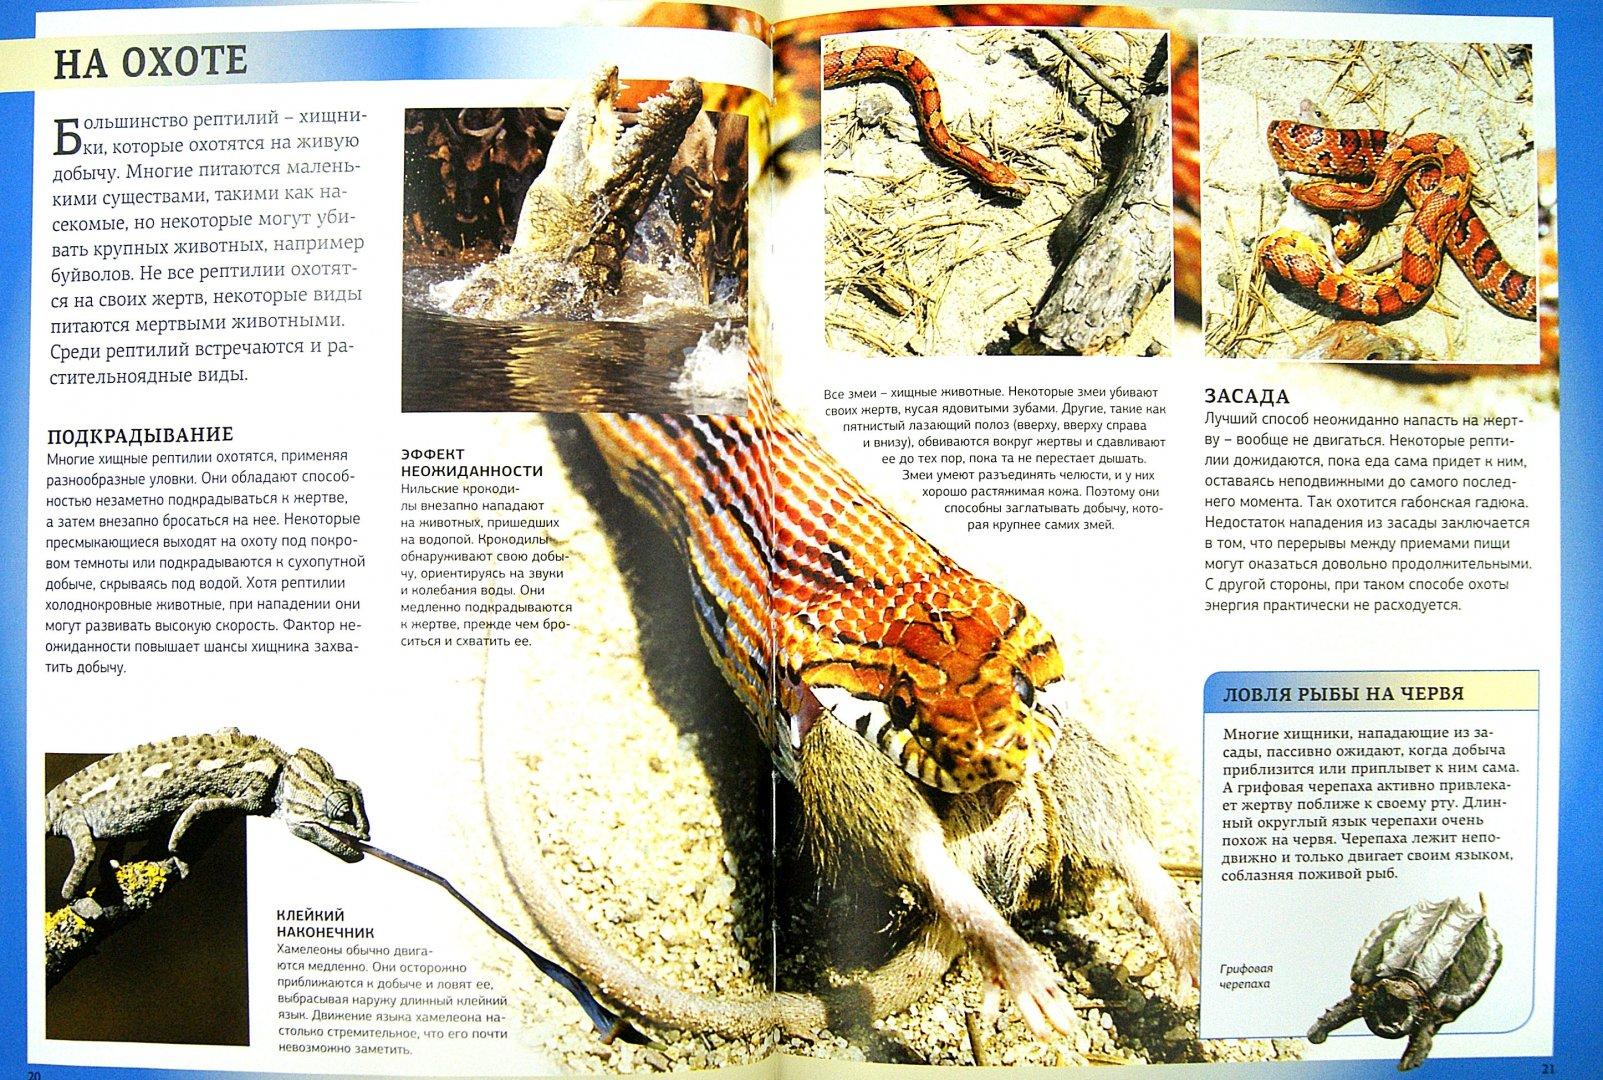 Иллюстрация 1 из 16 для Рептилии. Энциклопедия для школьников - Даниэль Джилпин | Лабиринт - книги. Источник: Лабиринт